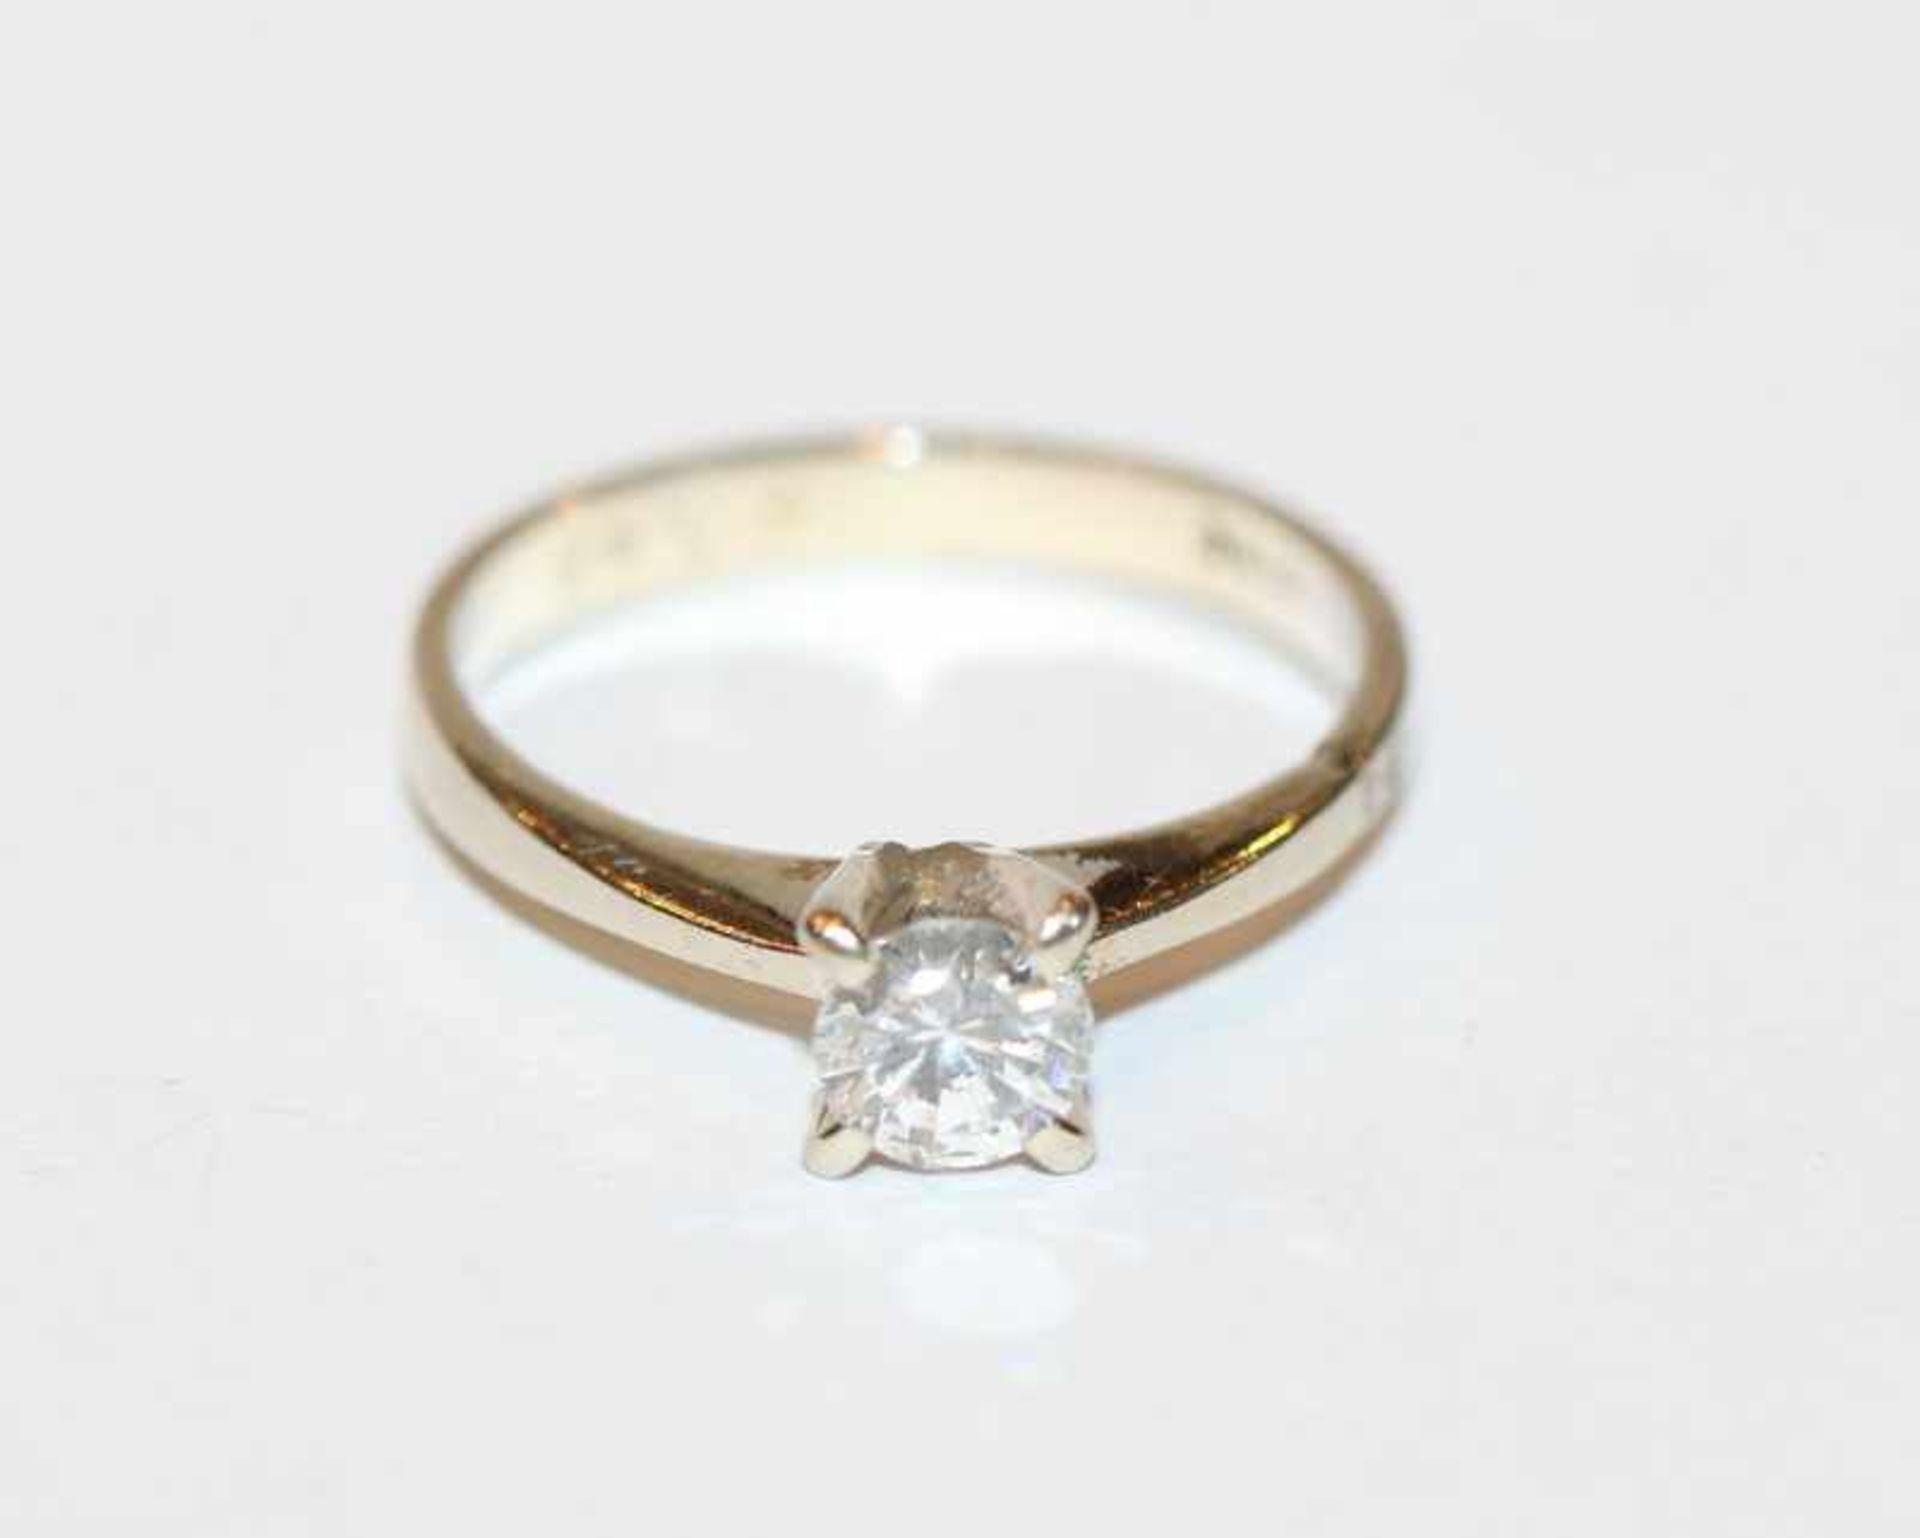 Los 13 - 14 k Weißgold Solitärring mit 0,48 ct. Diamant si/Pique weiss, Gr. 53